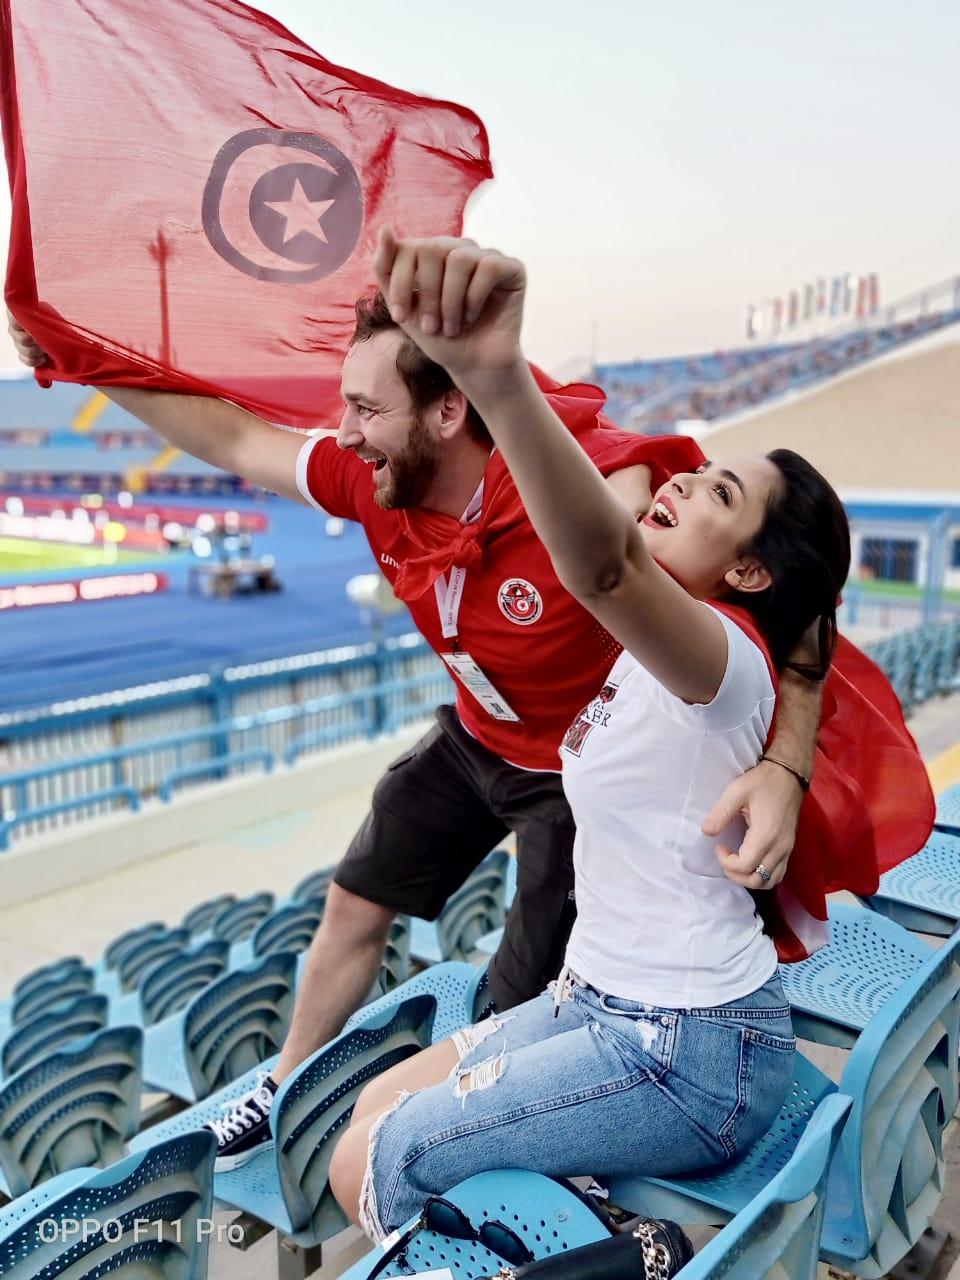 OPPO تحمل رسائل تشجيع من الجمهور الى لاعبي المنتخب الوطني التونسي وترفع علم تونس في كأس افريقيا للأمم بمصر: